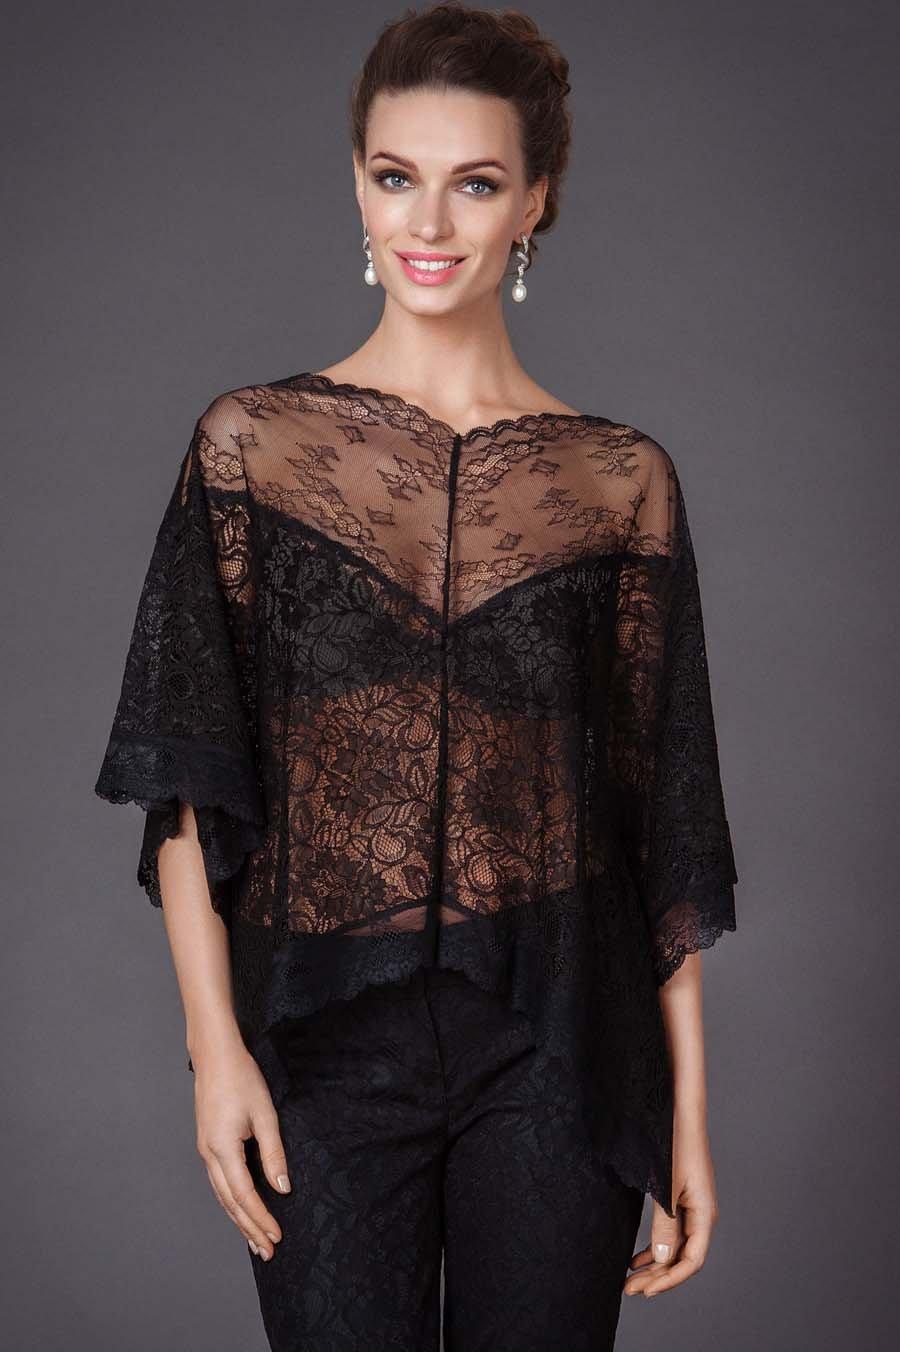 Блузку купить онлайн доставка